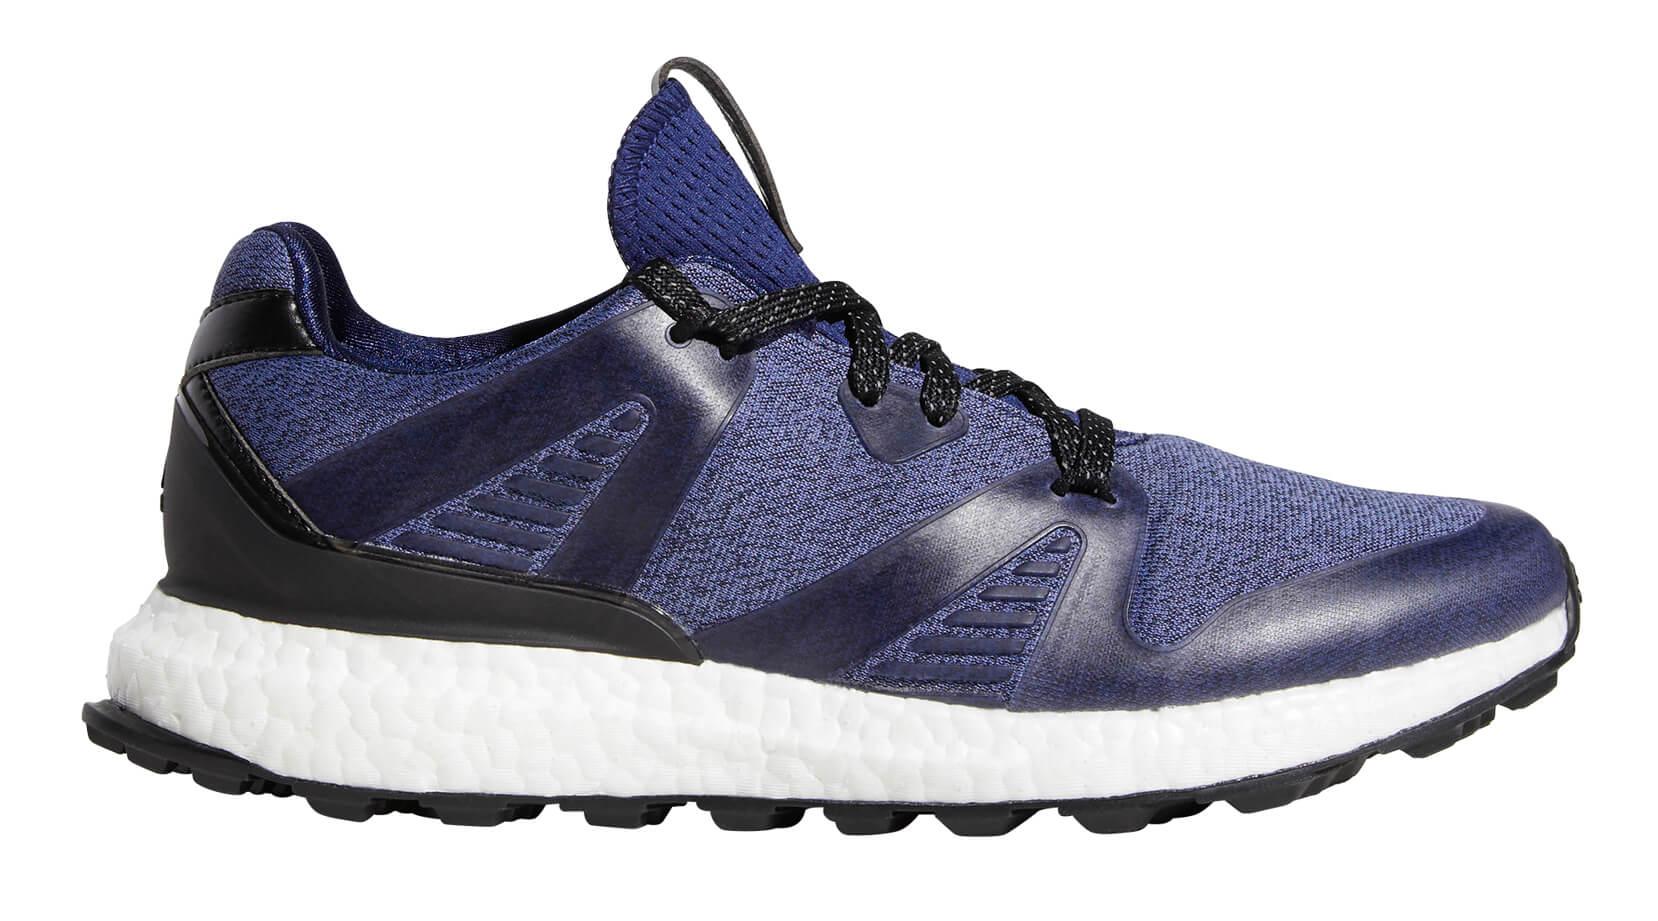 the best attitude 74a99 6e37d Adidas Crossknit 3.0 Golf Shoes BB7886 Blue Spikeless Mens 2019 New